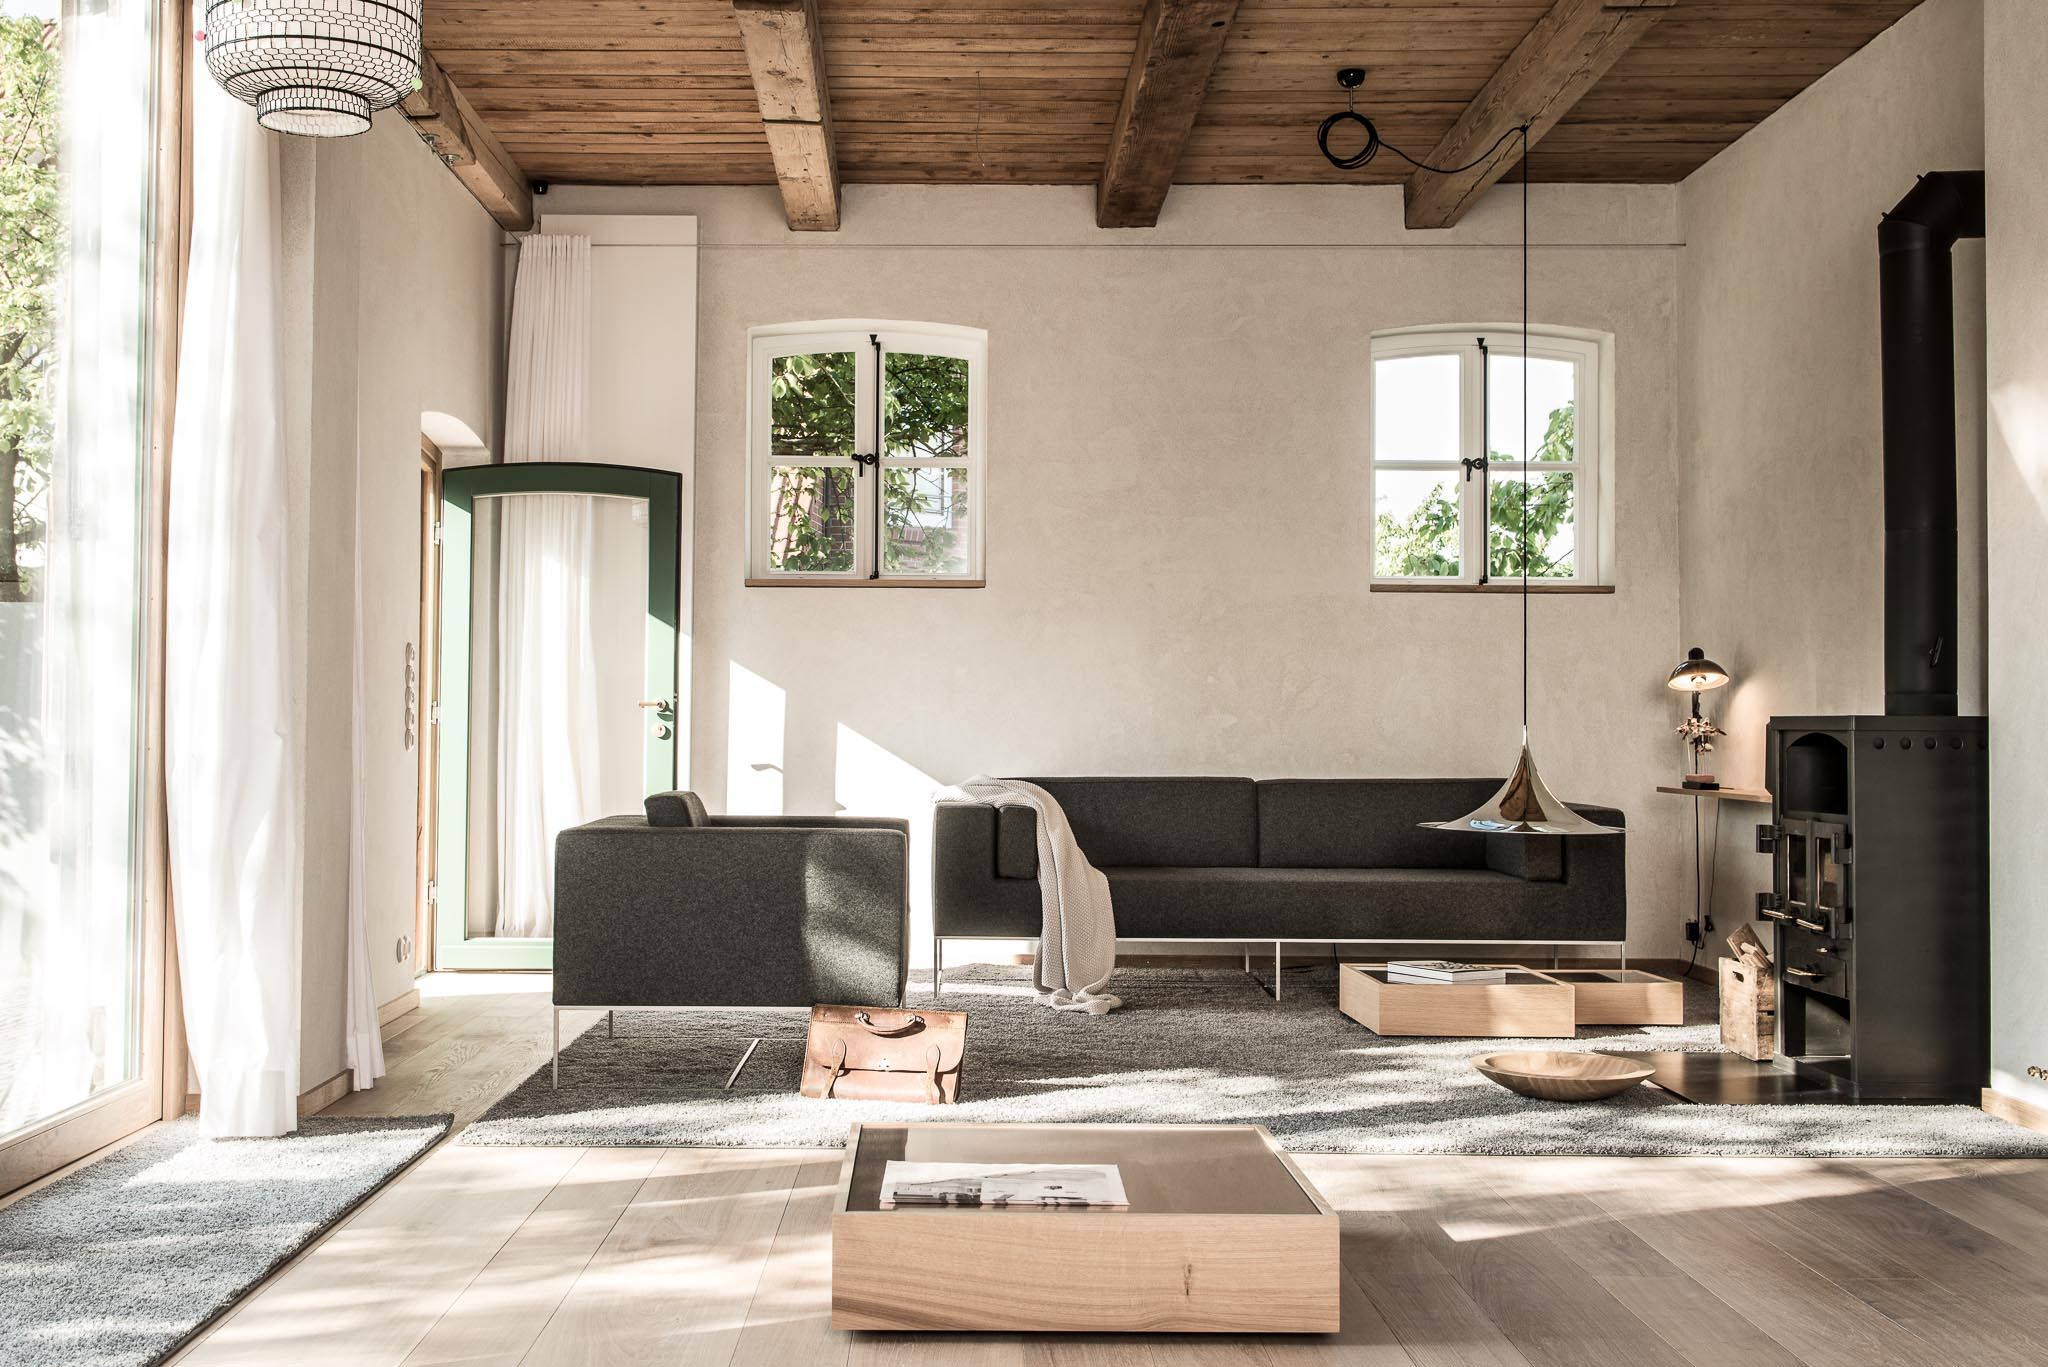 Das Wohnzimmer Im Erdgeschoss Des Welle8 Fotostudios Hat Viele Facetten Besonderheiten Eichendielen Sandgestrahlte